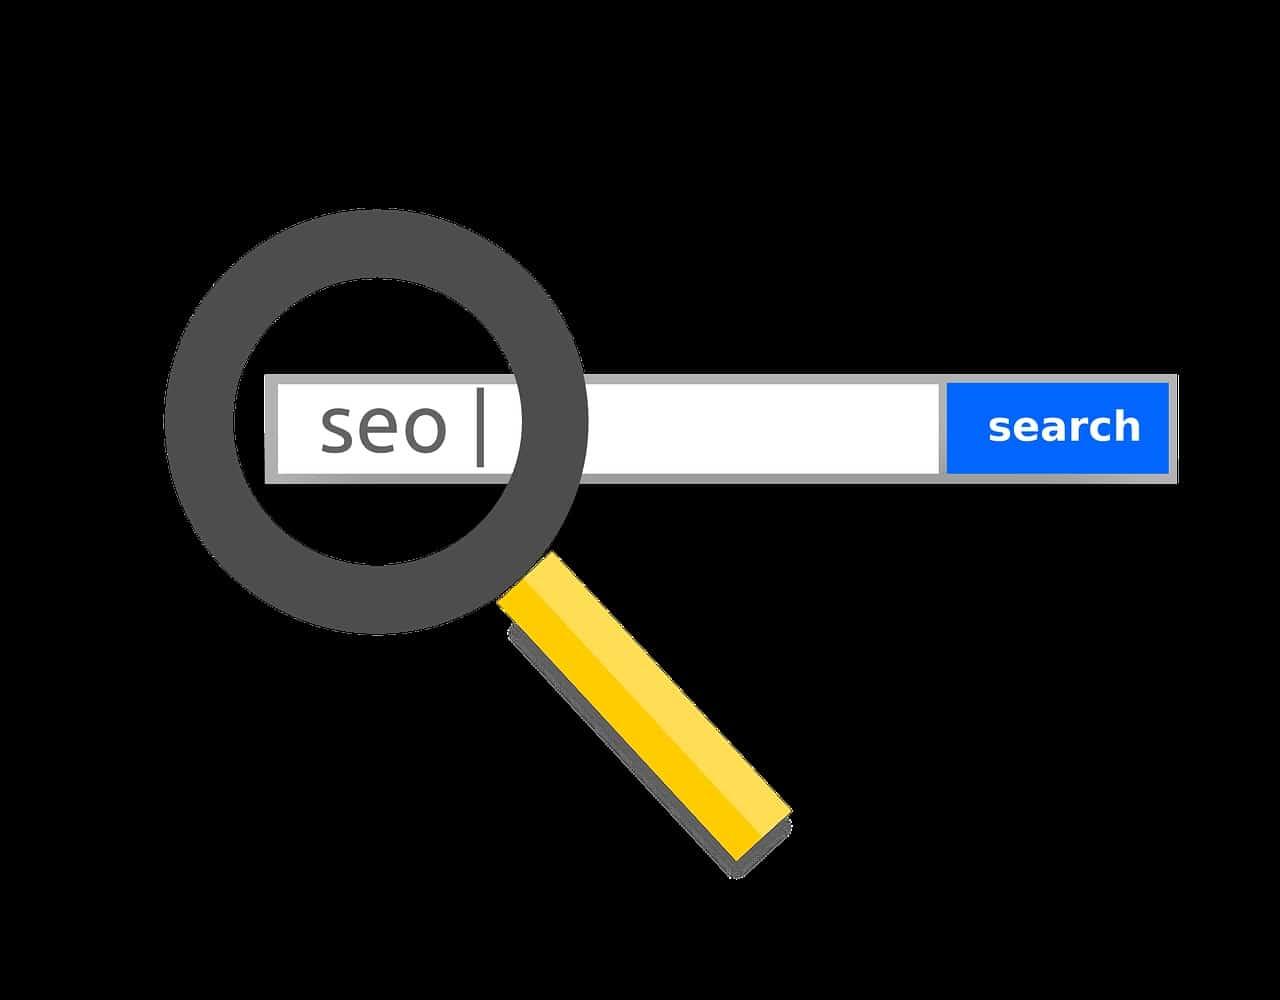 SEO og søgeoptimering ikon